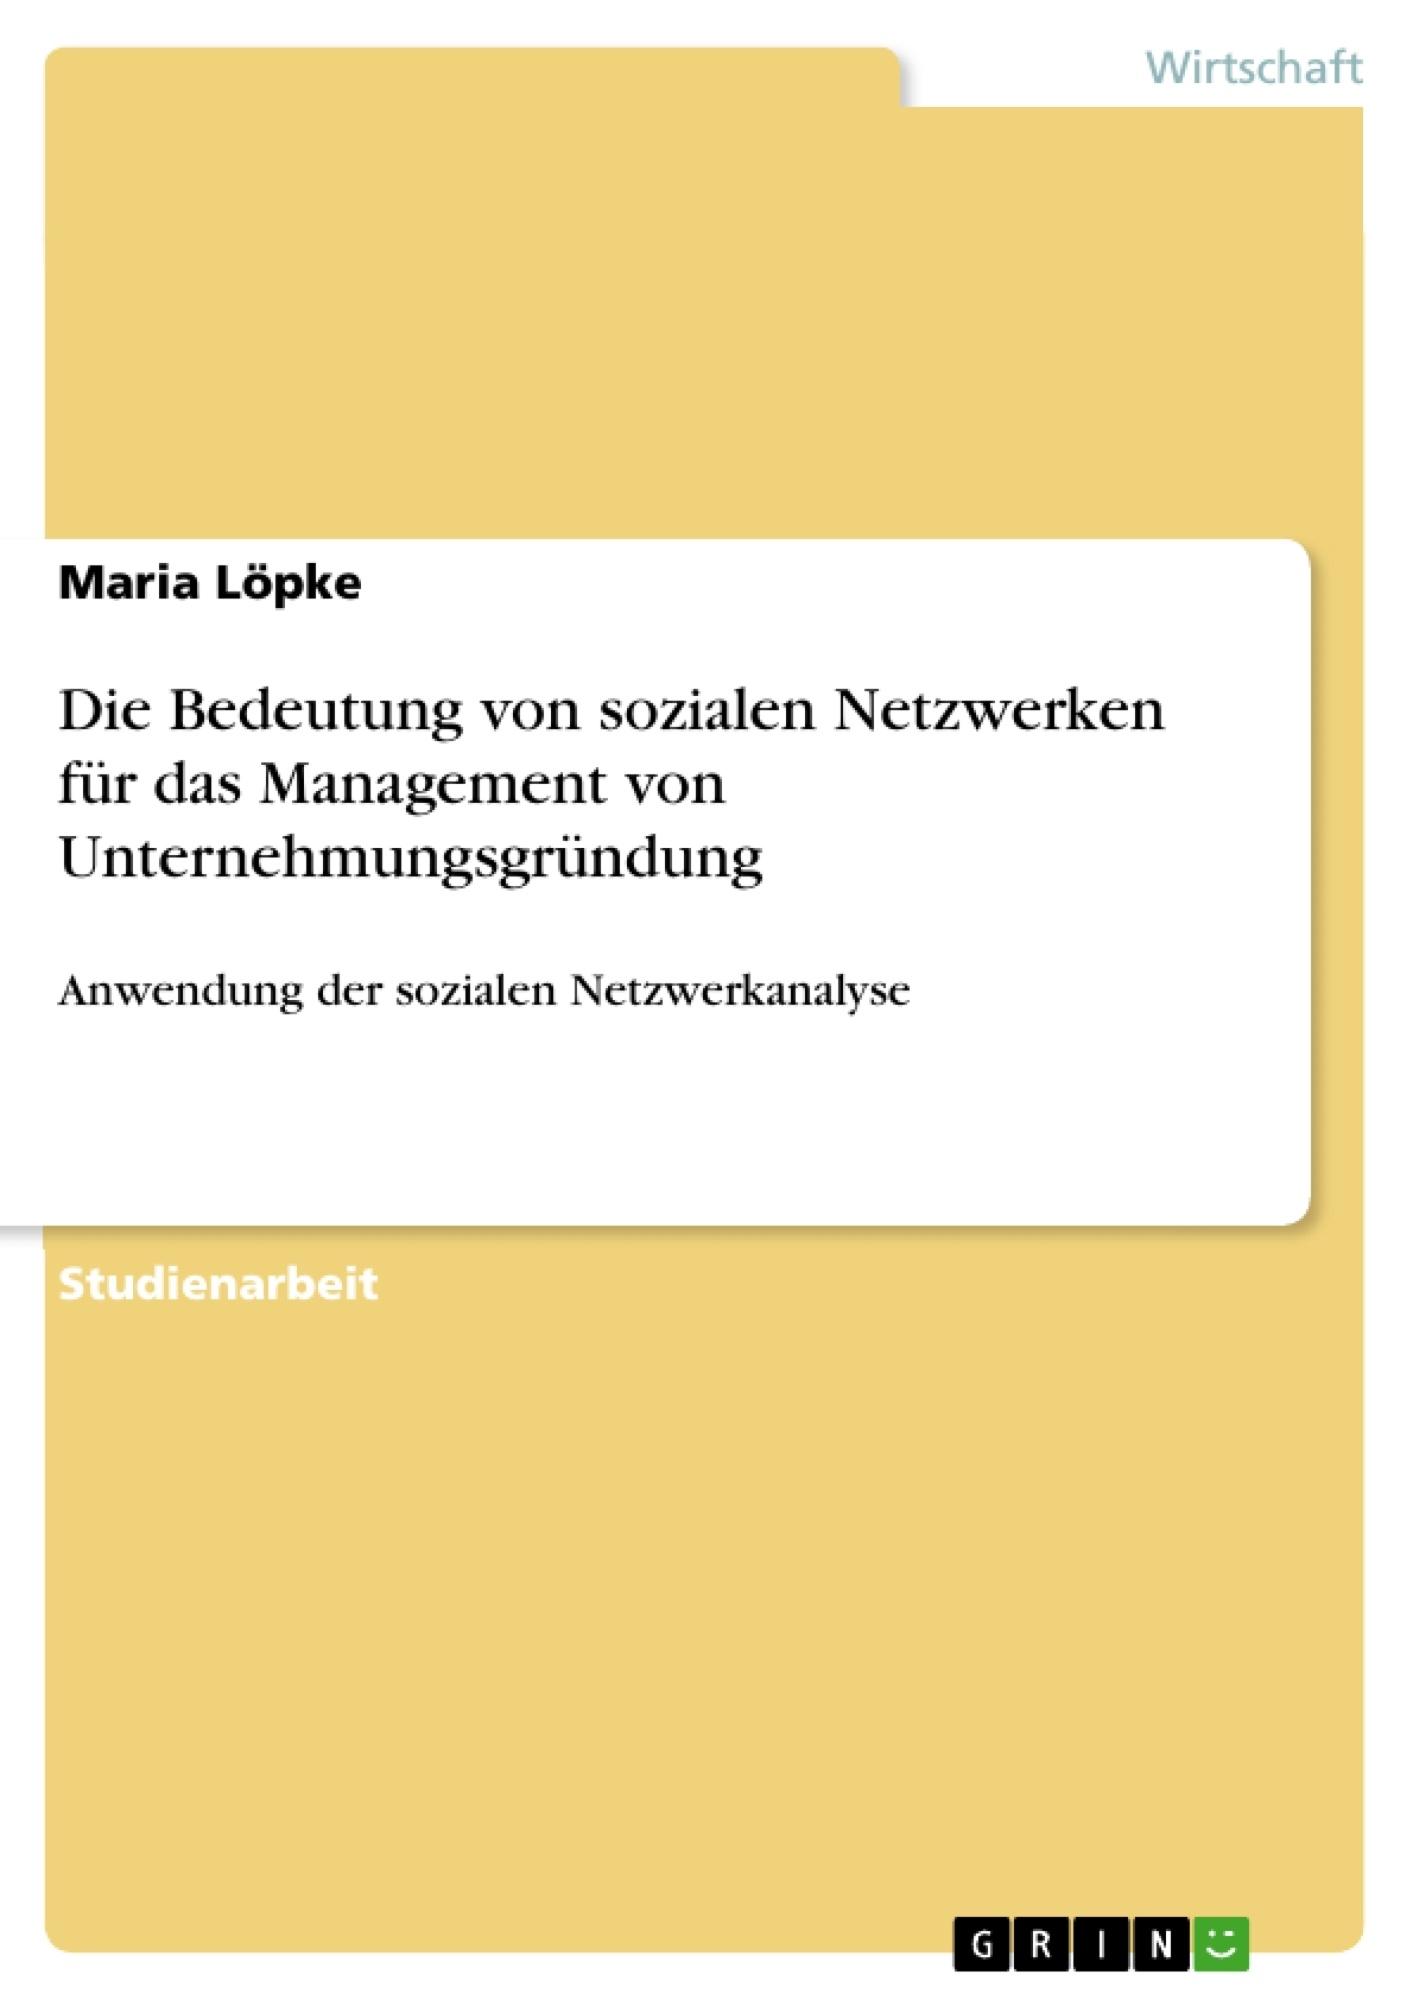 Titel: Die Bedeutung von sozialen Netzwerken für das Management von Unternehmungsgründung